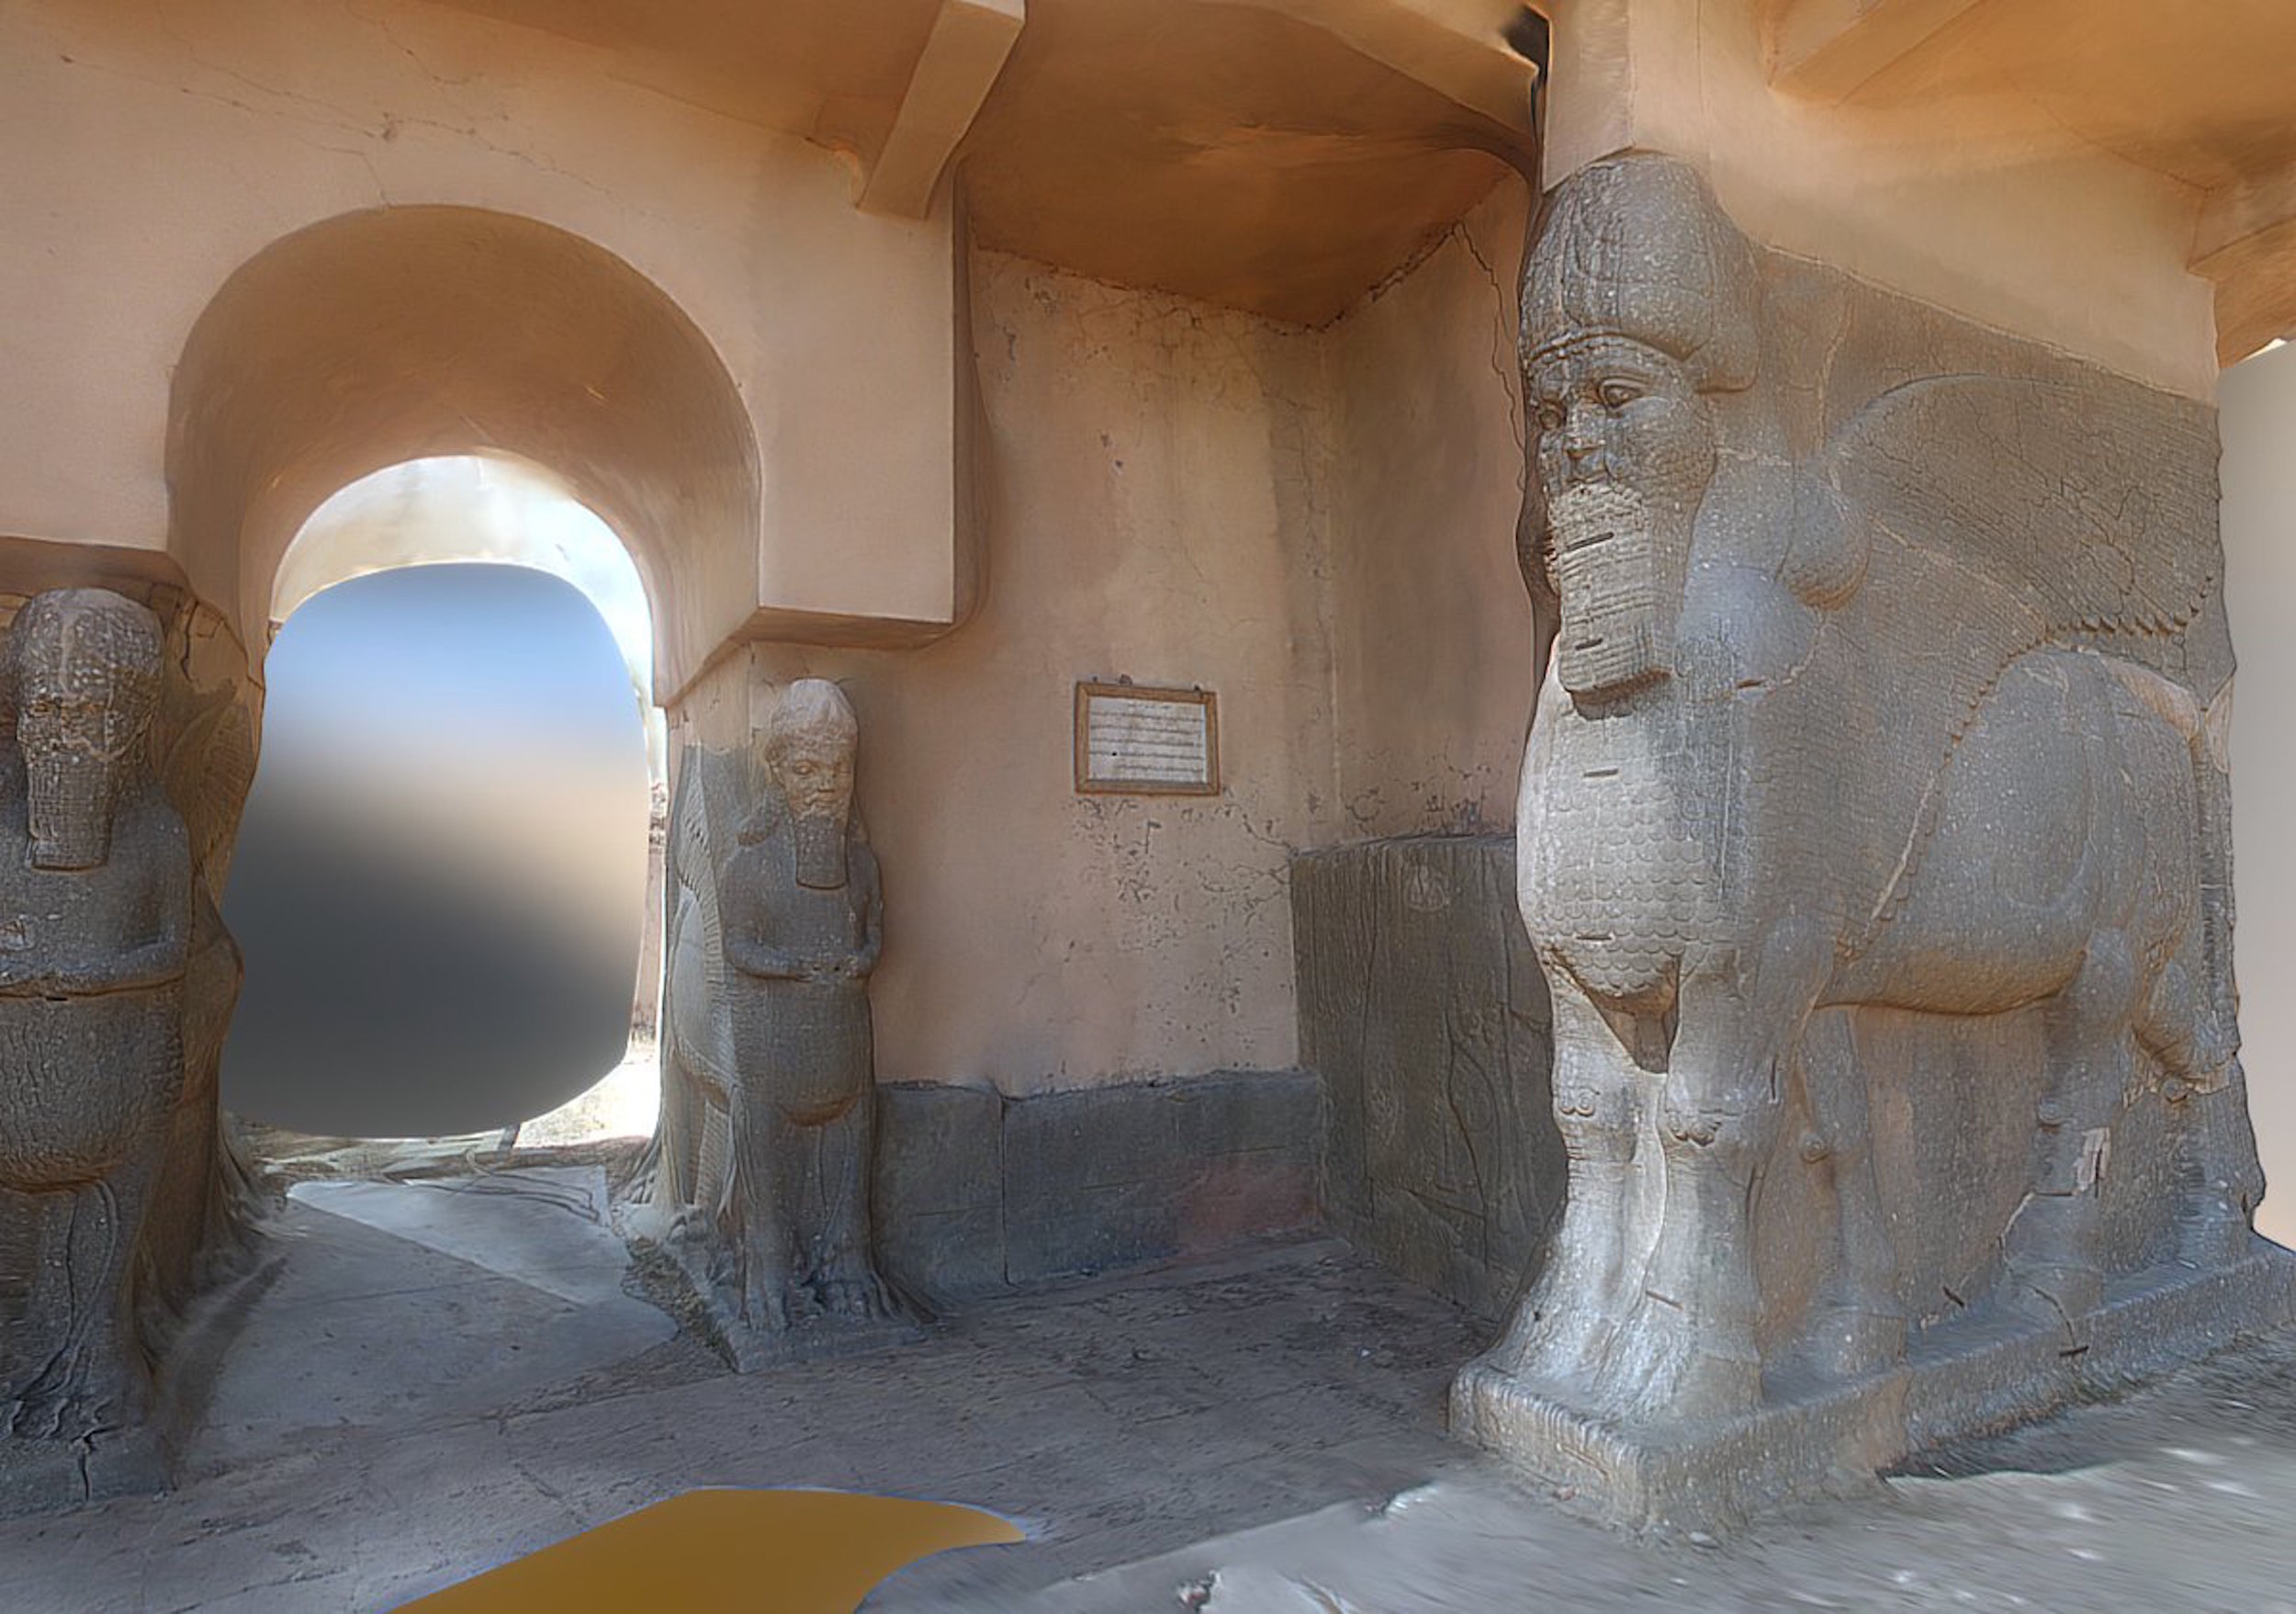 Världsarvet är i fara, från såväl terrorister som naturkatastrofer. Museet i Mosul i Irak förstördes av IS i februari 2015 men har uppstått i virtuell form tack vare ett stort arbete utfört av organisationen Rekrei.